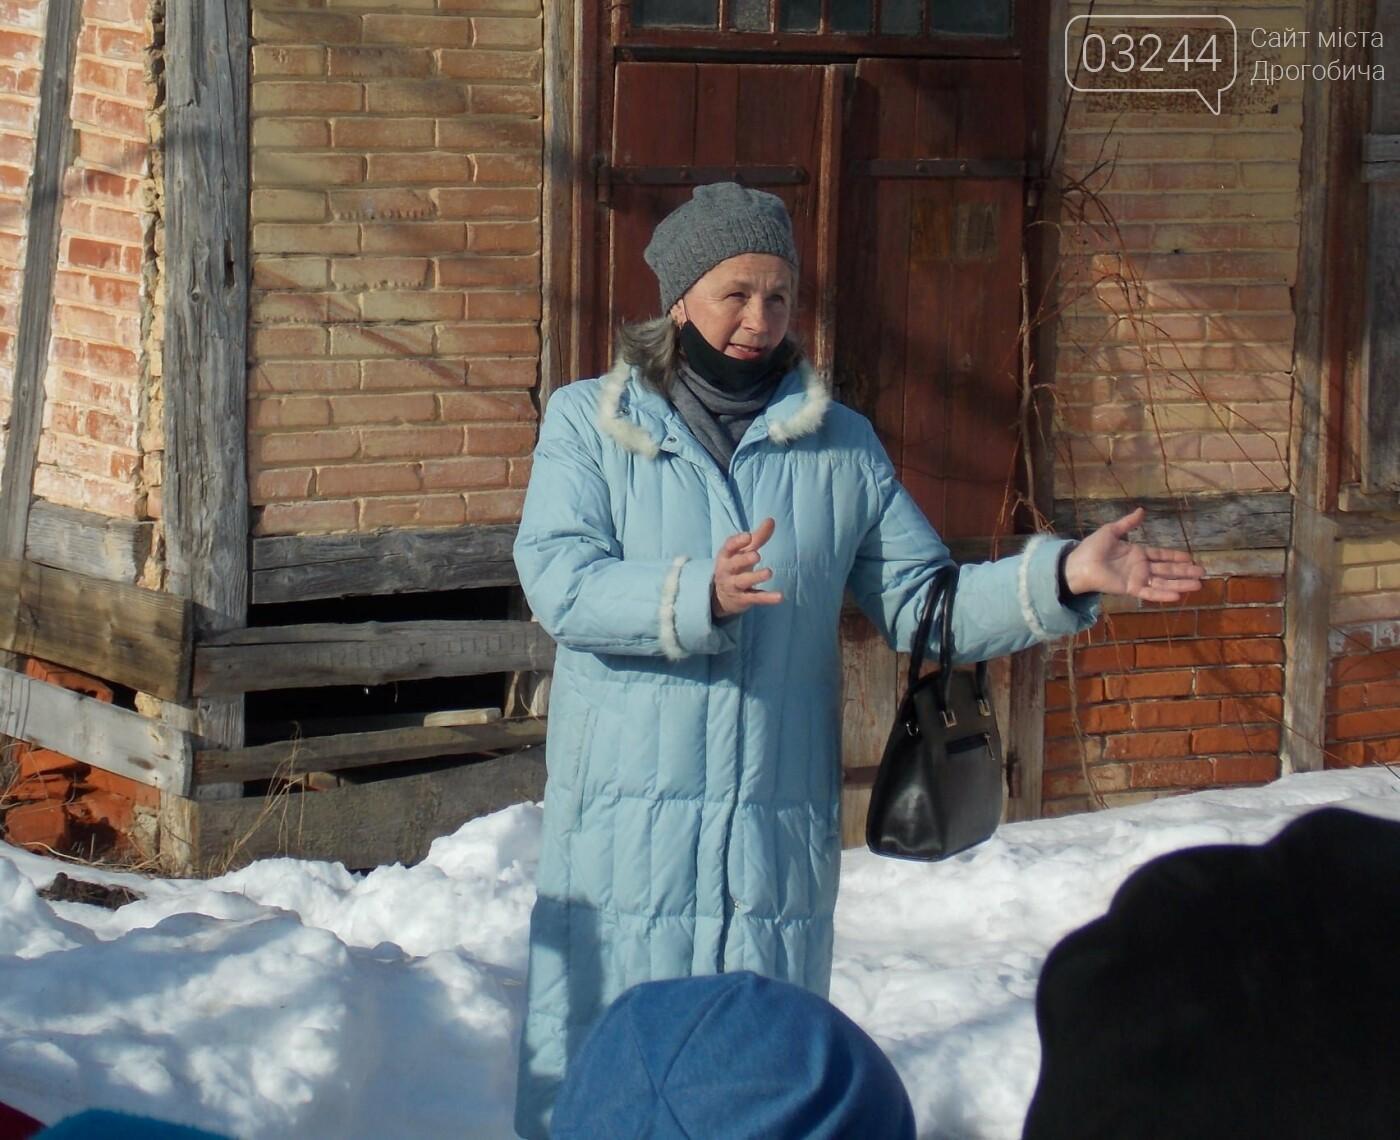 «У ньому вся сіль!» - у Дрогобичі відновили екскурсії на солевиварювальний завод, - ФОТО, ВІДЕО, фото-3